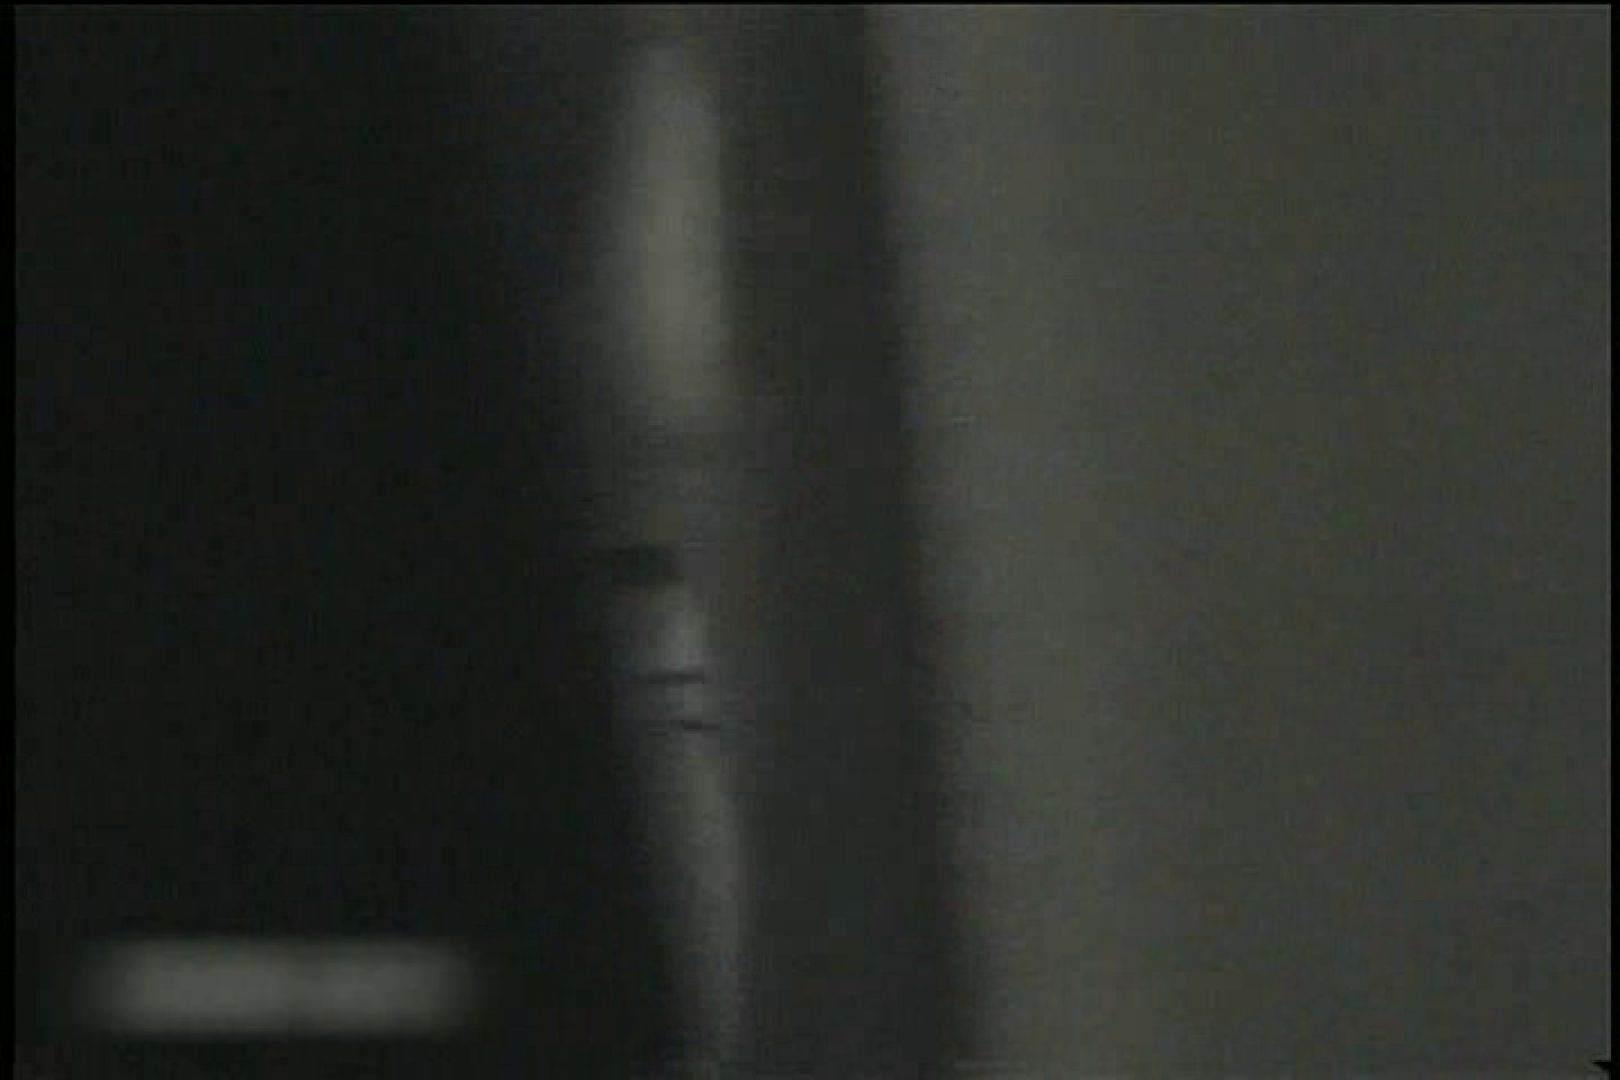 プライベートの極技!!Vol.14 オナニー | 美女OL  65連発 29